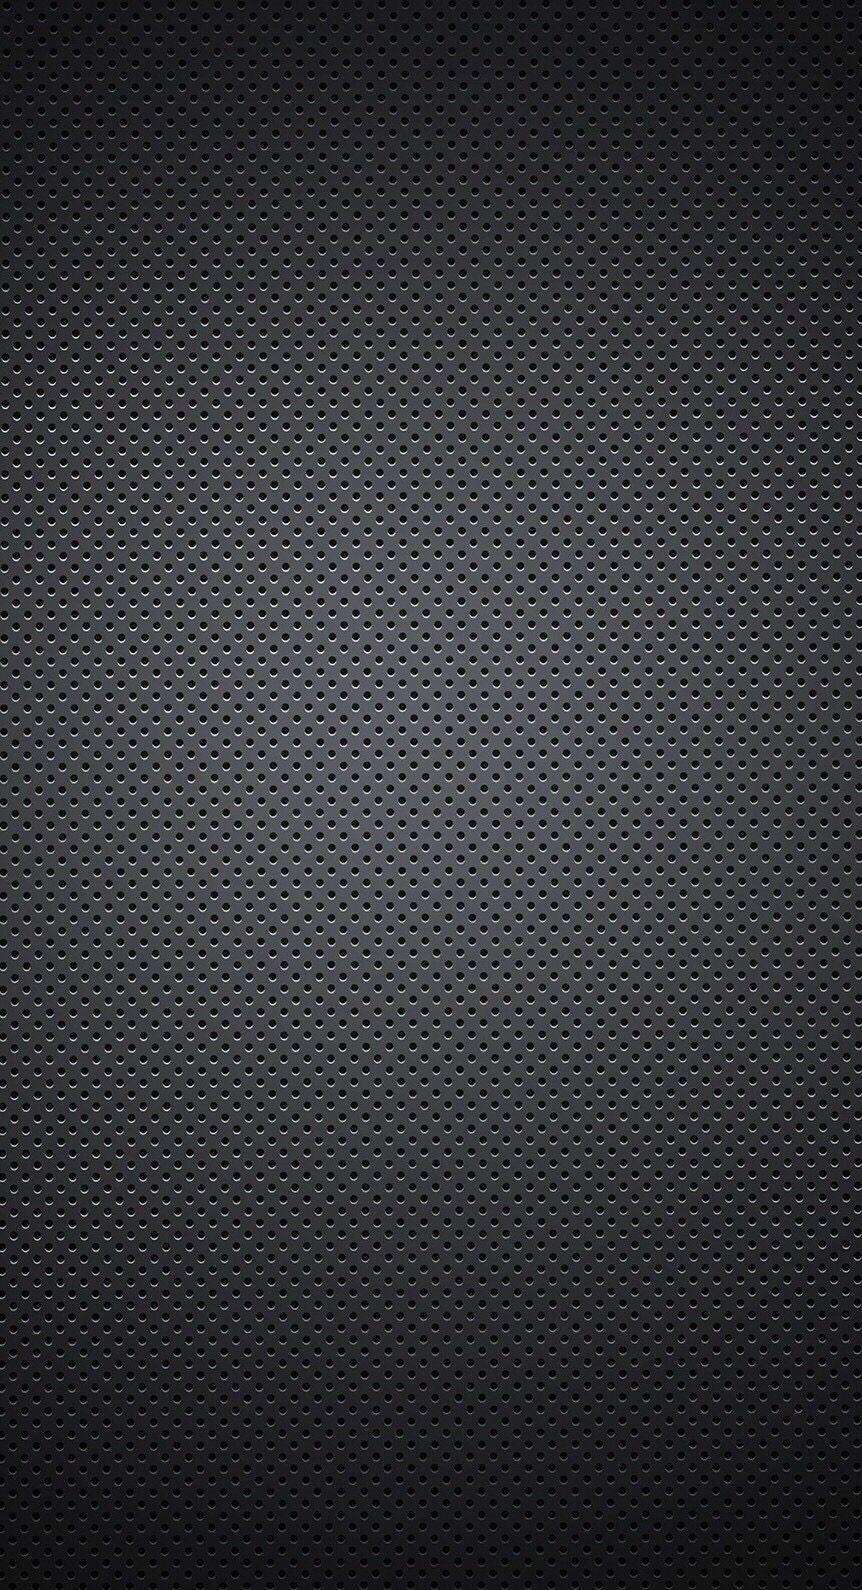 Black Iphone Iphonewallpaper Wallpaper S Izobrazheniyami